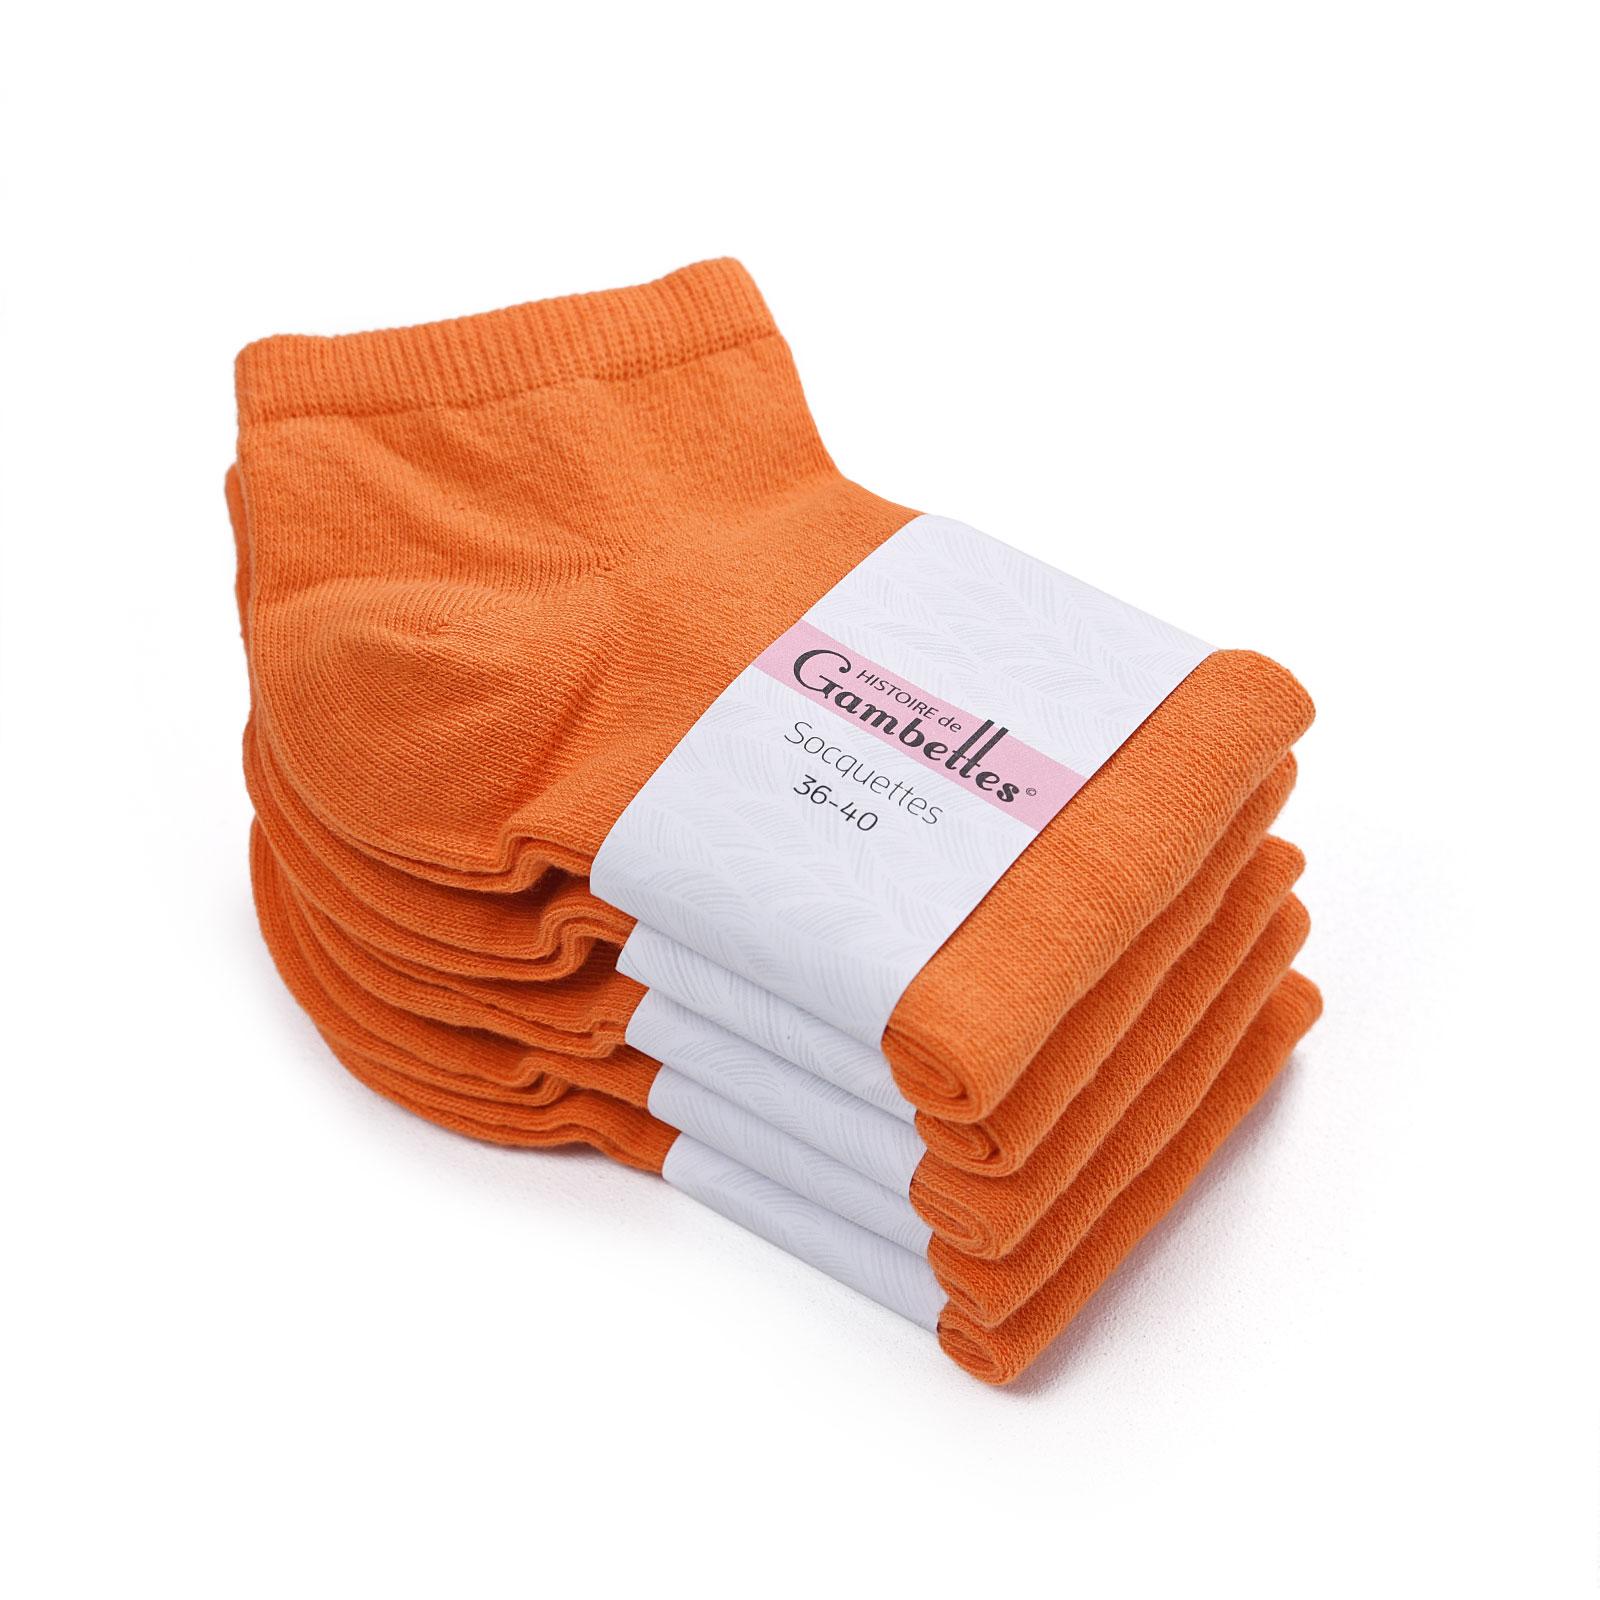 CH-00341-F16-soquettes-femme-coton-orange-5-paires